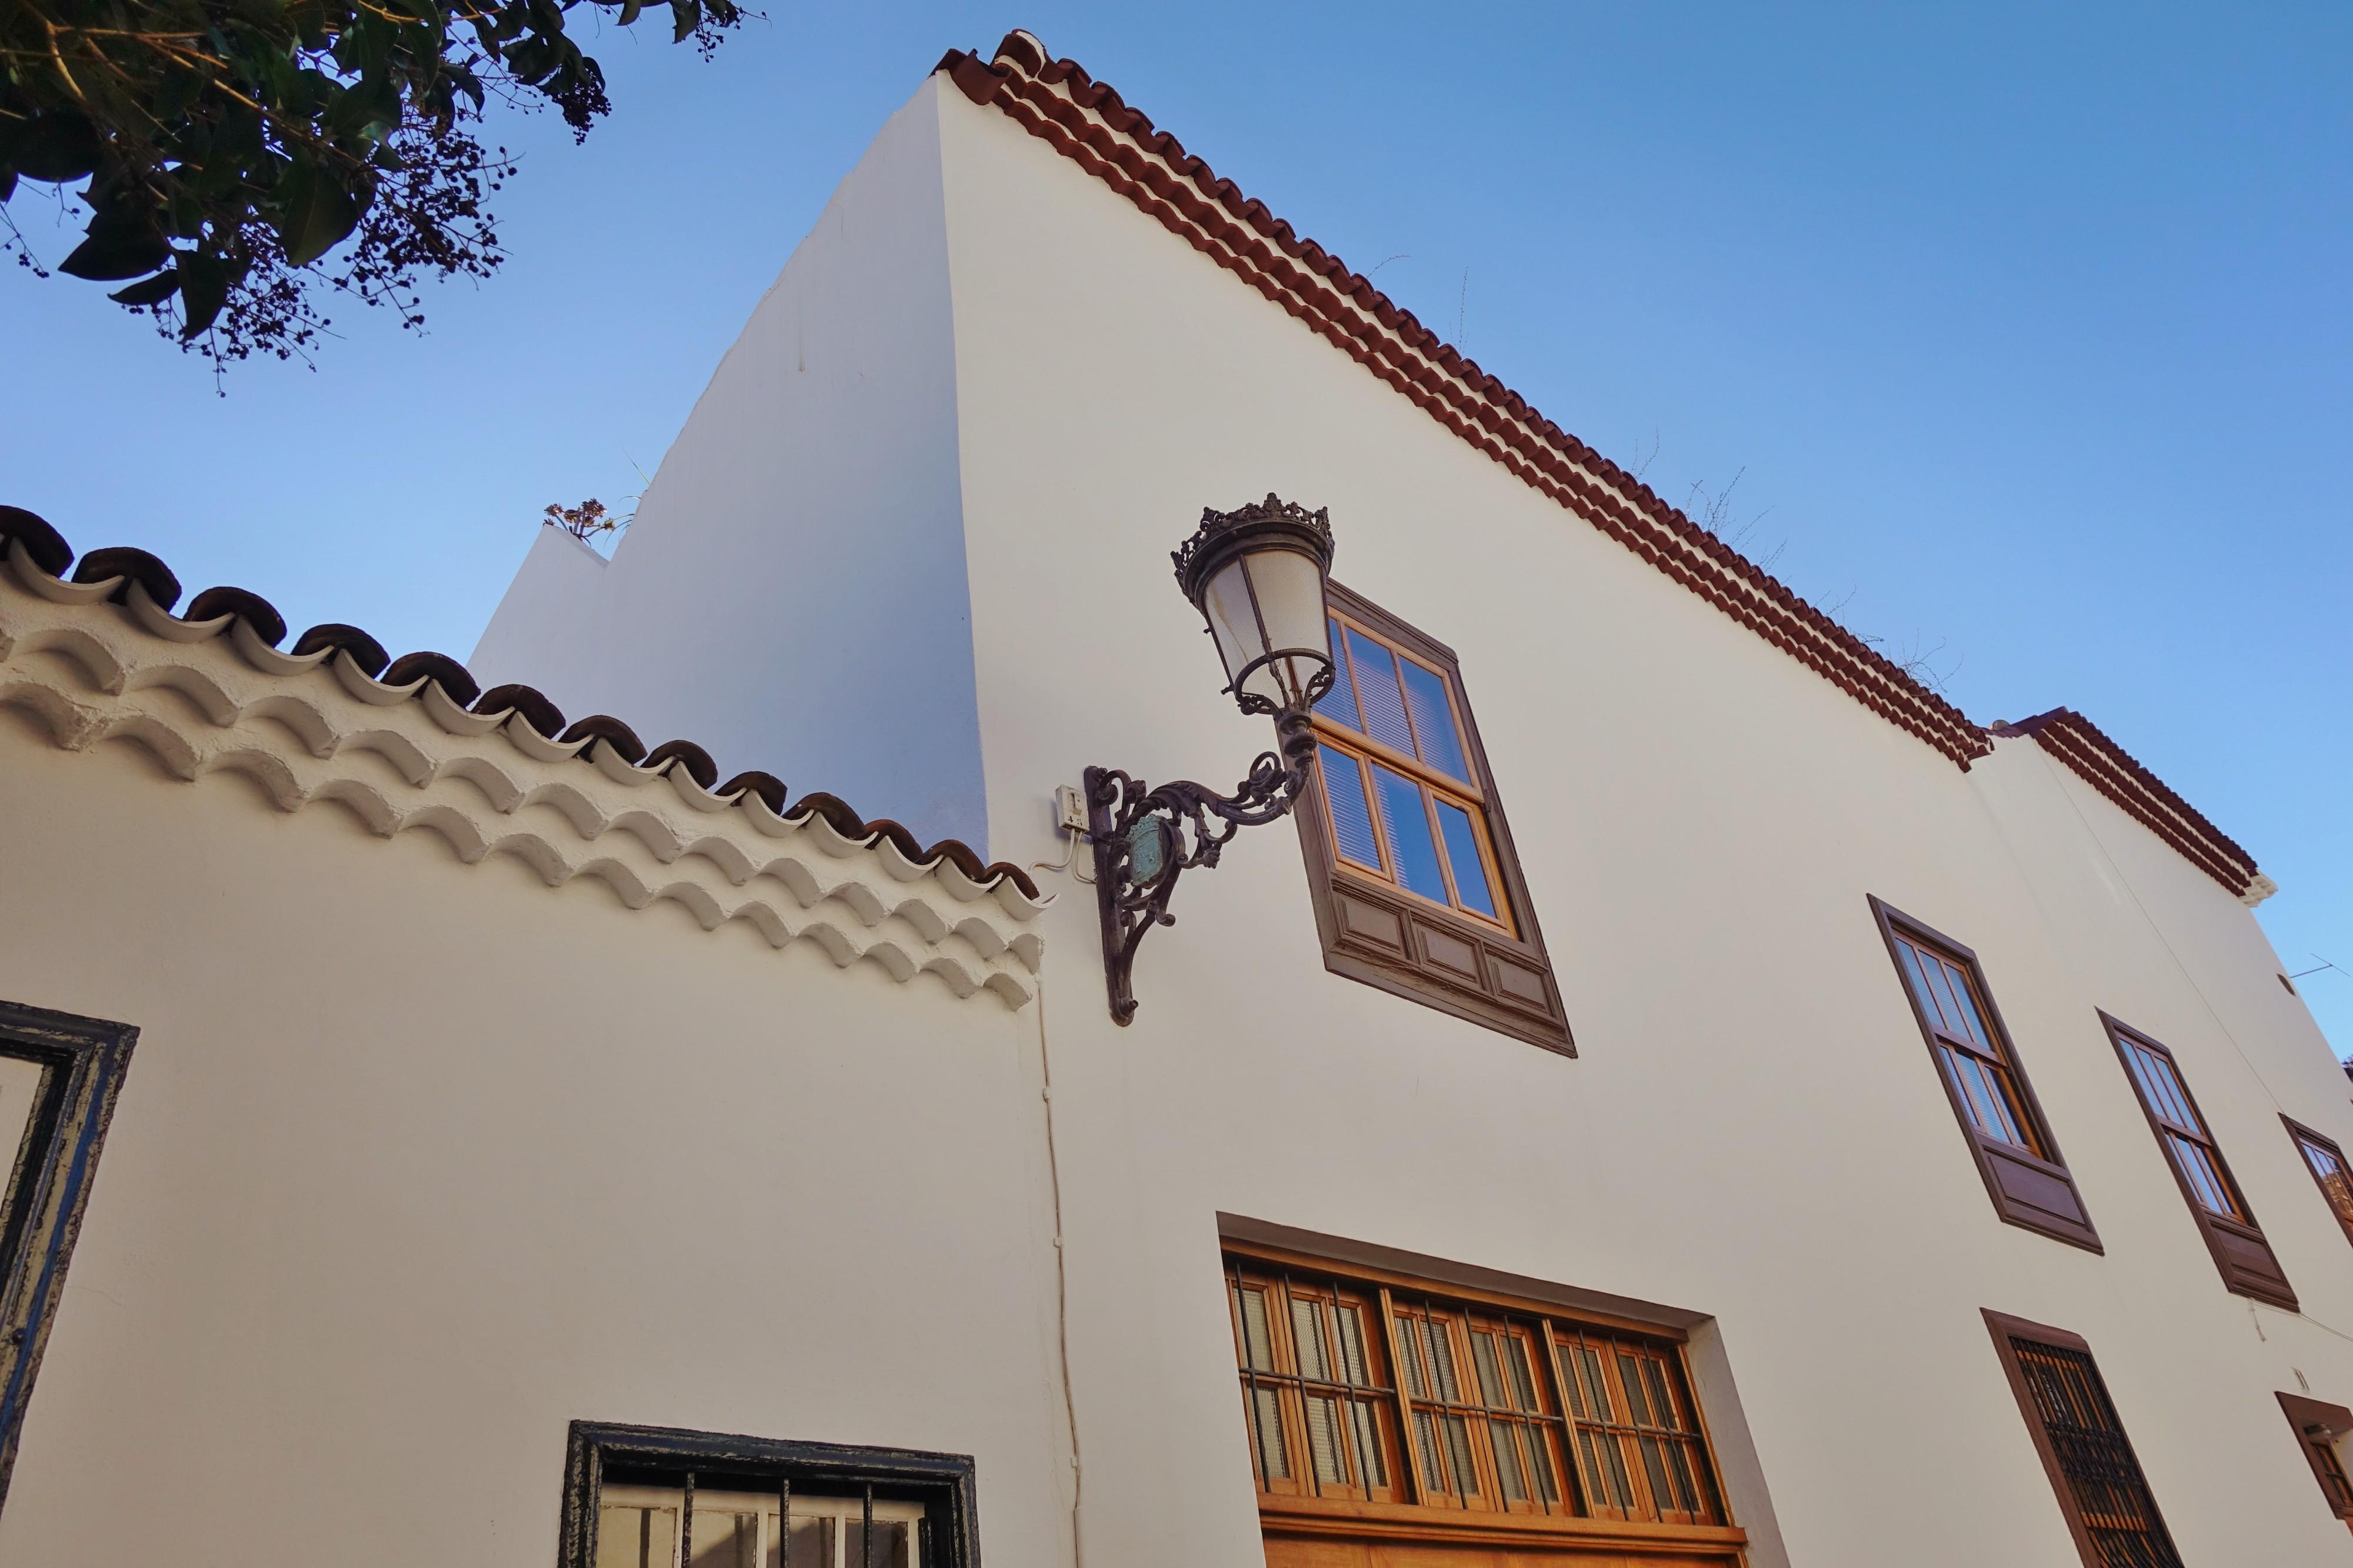 Que-ver-en-Tenerife-blog-de-moda-fashion-travel-ChicAdicta-influencer-Chic-Adicta-La-Laguna-Canarias-PiensaenChic-Piensa-en-Chic